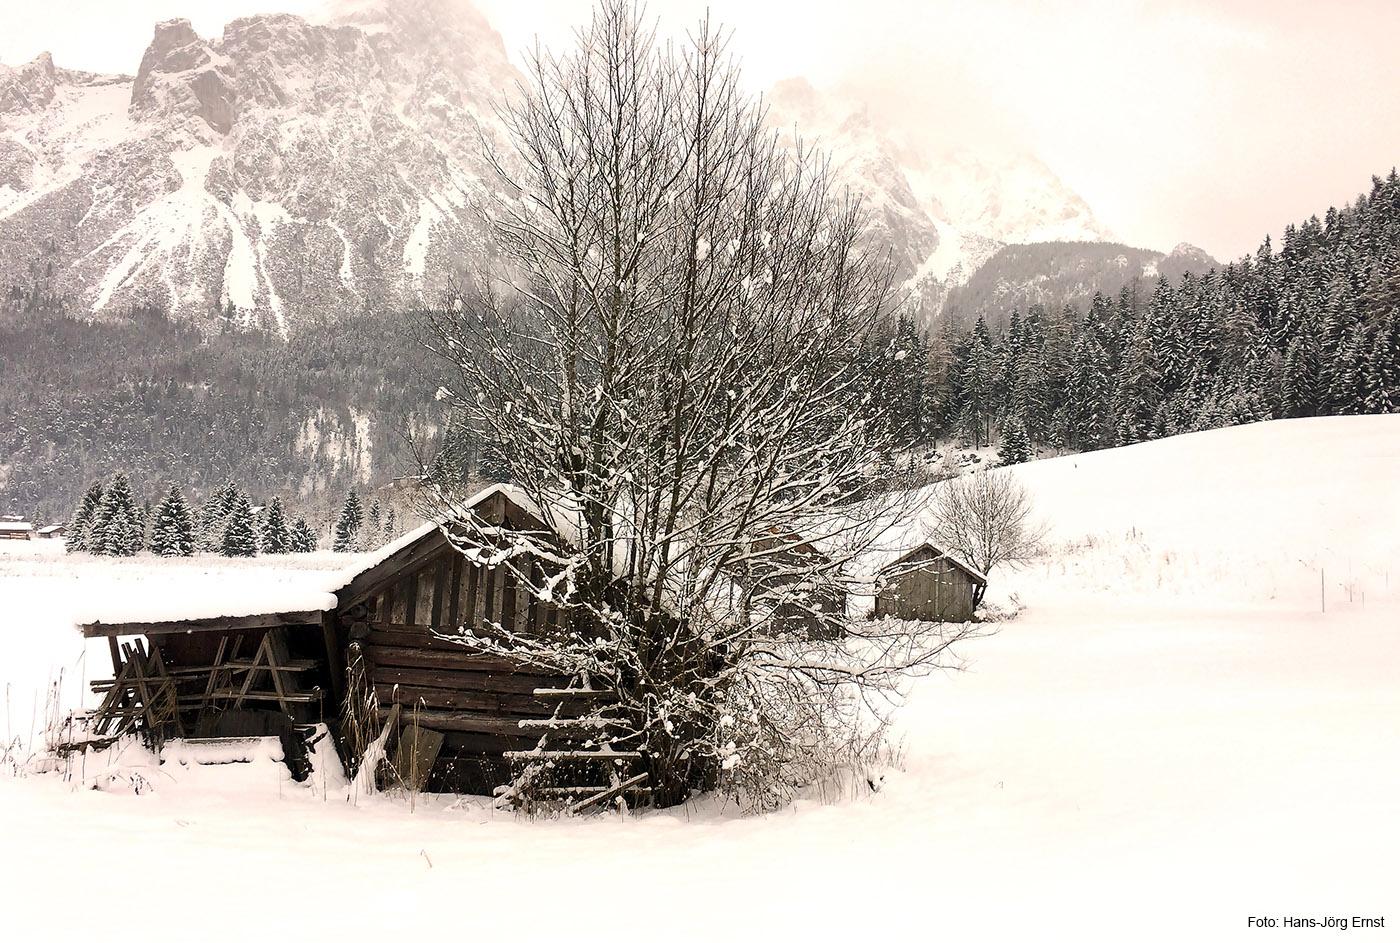 ZUGSPITZ-ARENA Schön sind die vielen Hütten und Heuschober auf den Wiesen zwischen Lermoos und Ehrwald. Dahinter ragen die Berge in den Himmel.